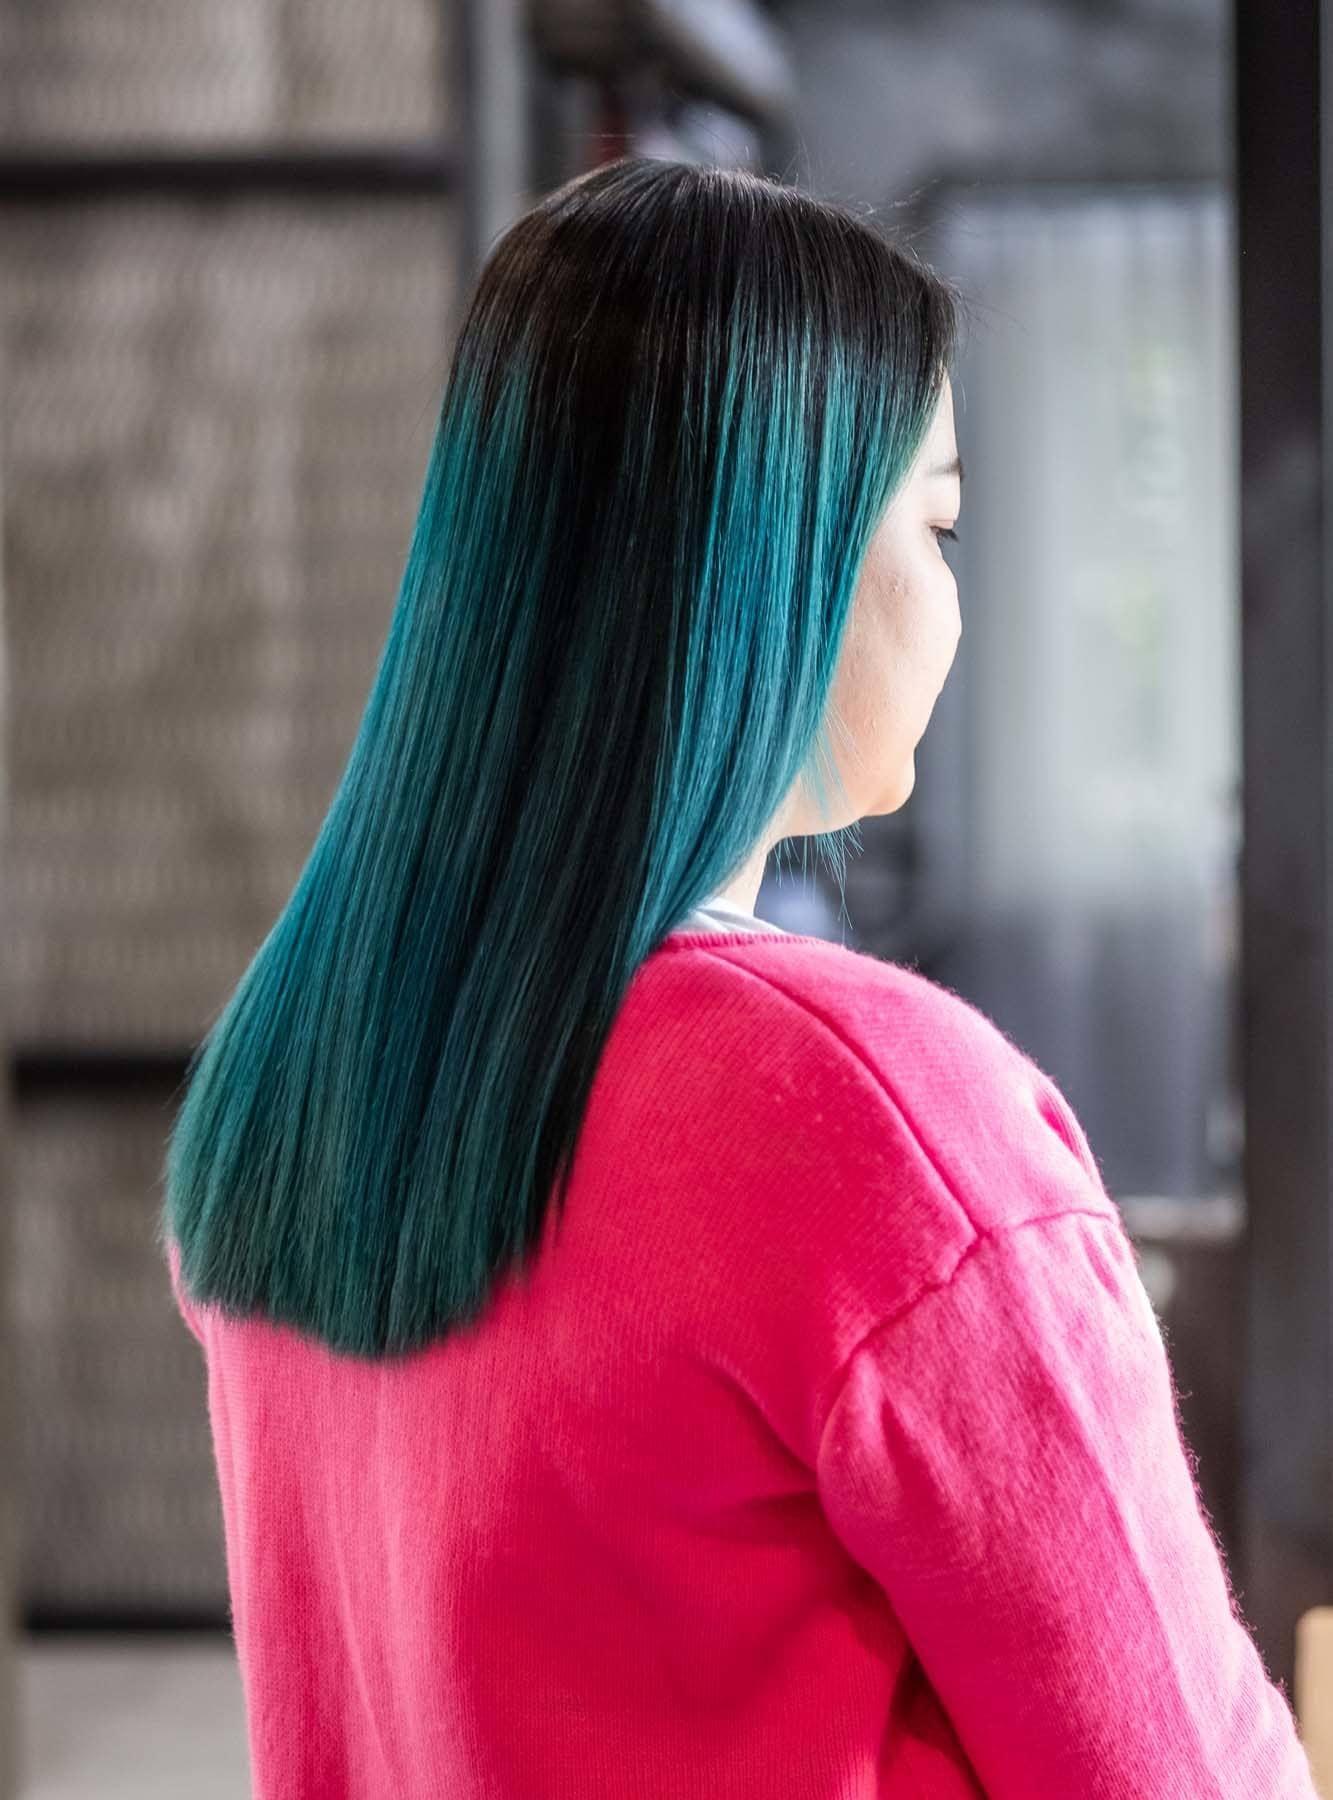 ผู้หญิงเอเชีย สวมเสื้อสีชมพู ผมสีเขียวน้ำทะเล